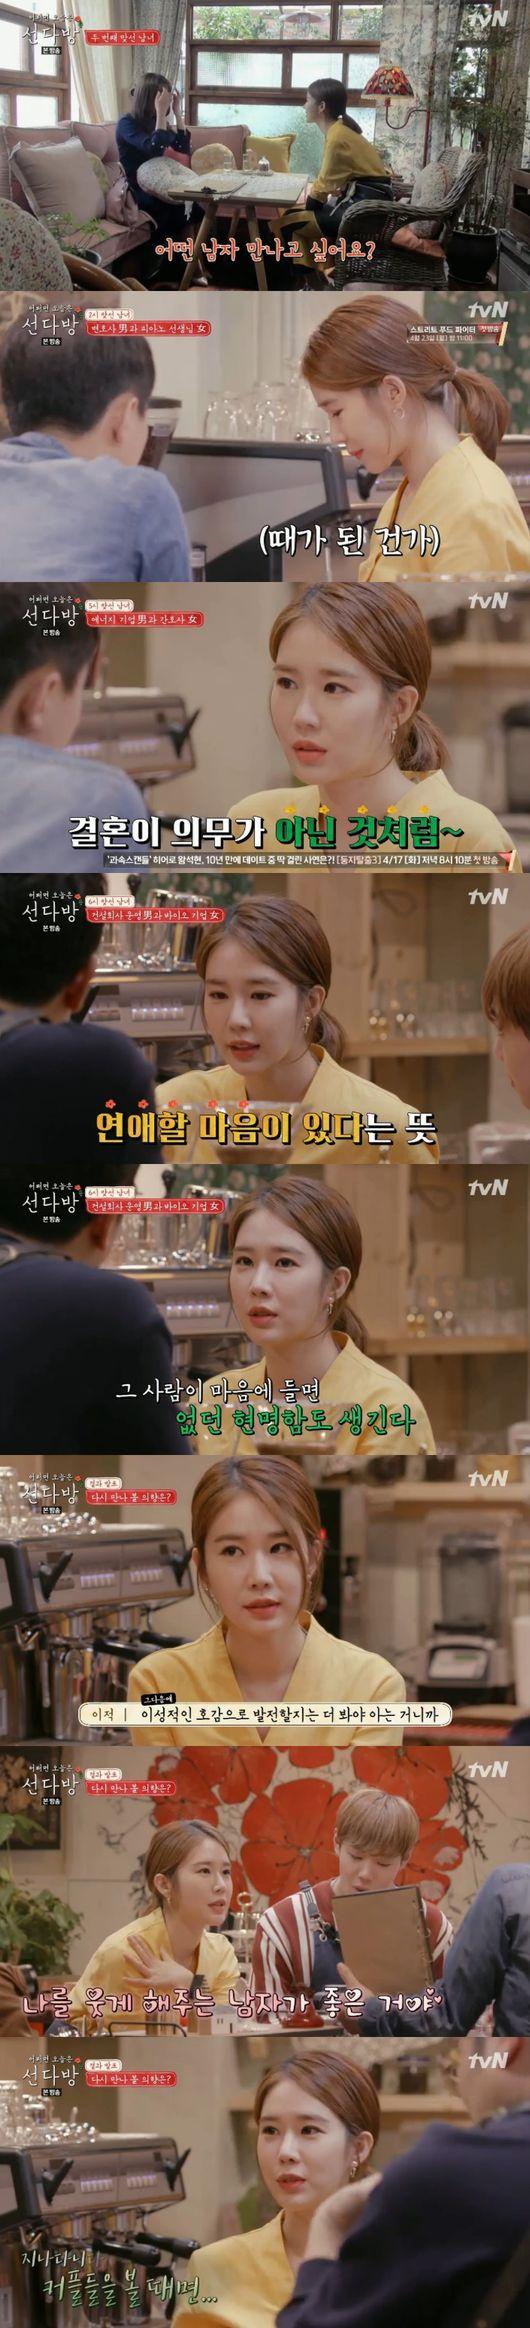 '선다방' 유인나, 입만 열면 연애